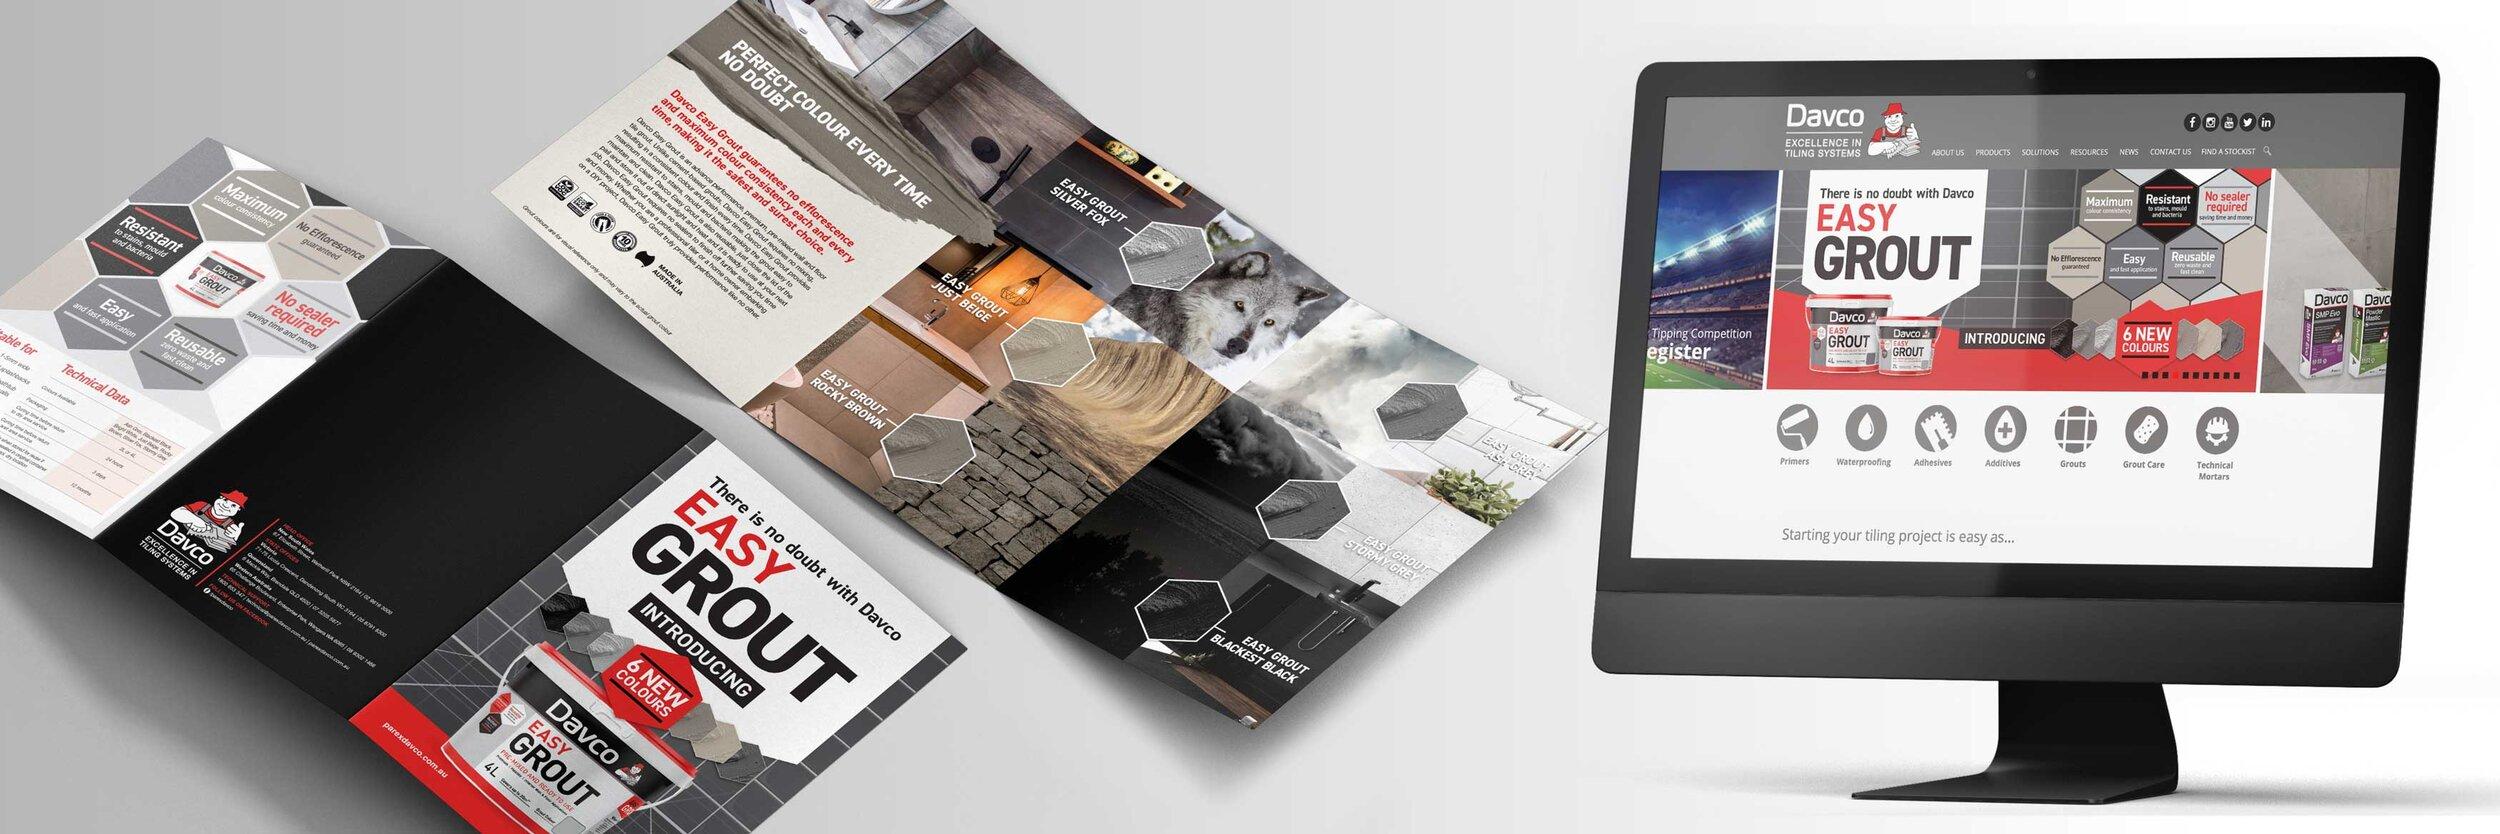 Easy-Grout_Branding-Packaging-Design_3.jpg